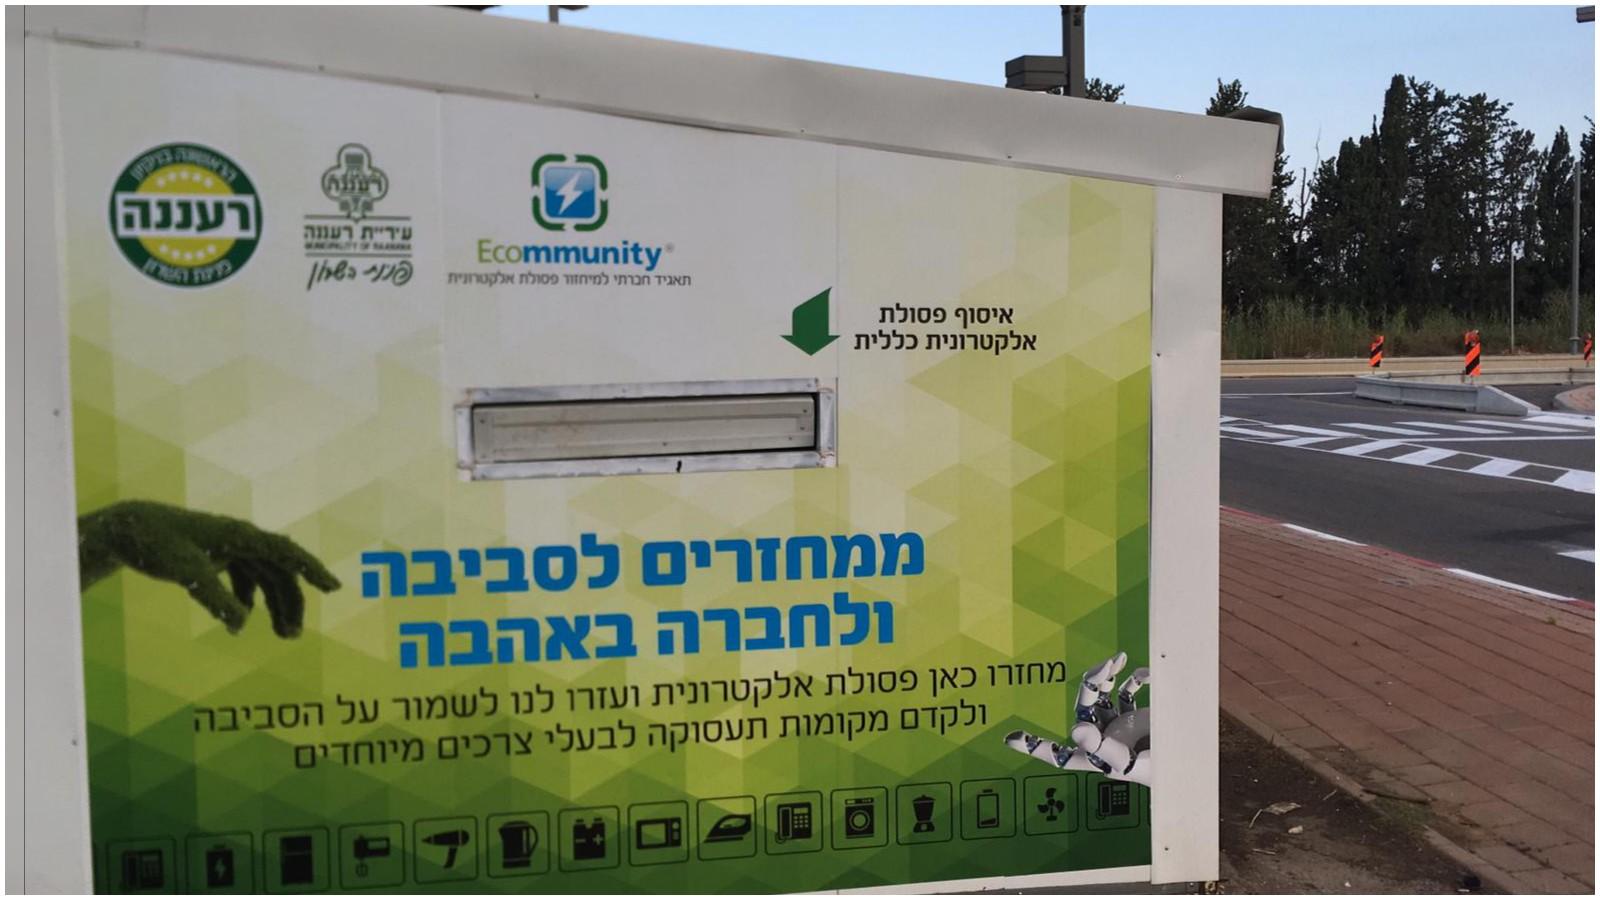 מתקן לאיסוף פסולת אלקטרונית צילום עיריית רעננה